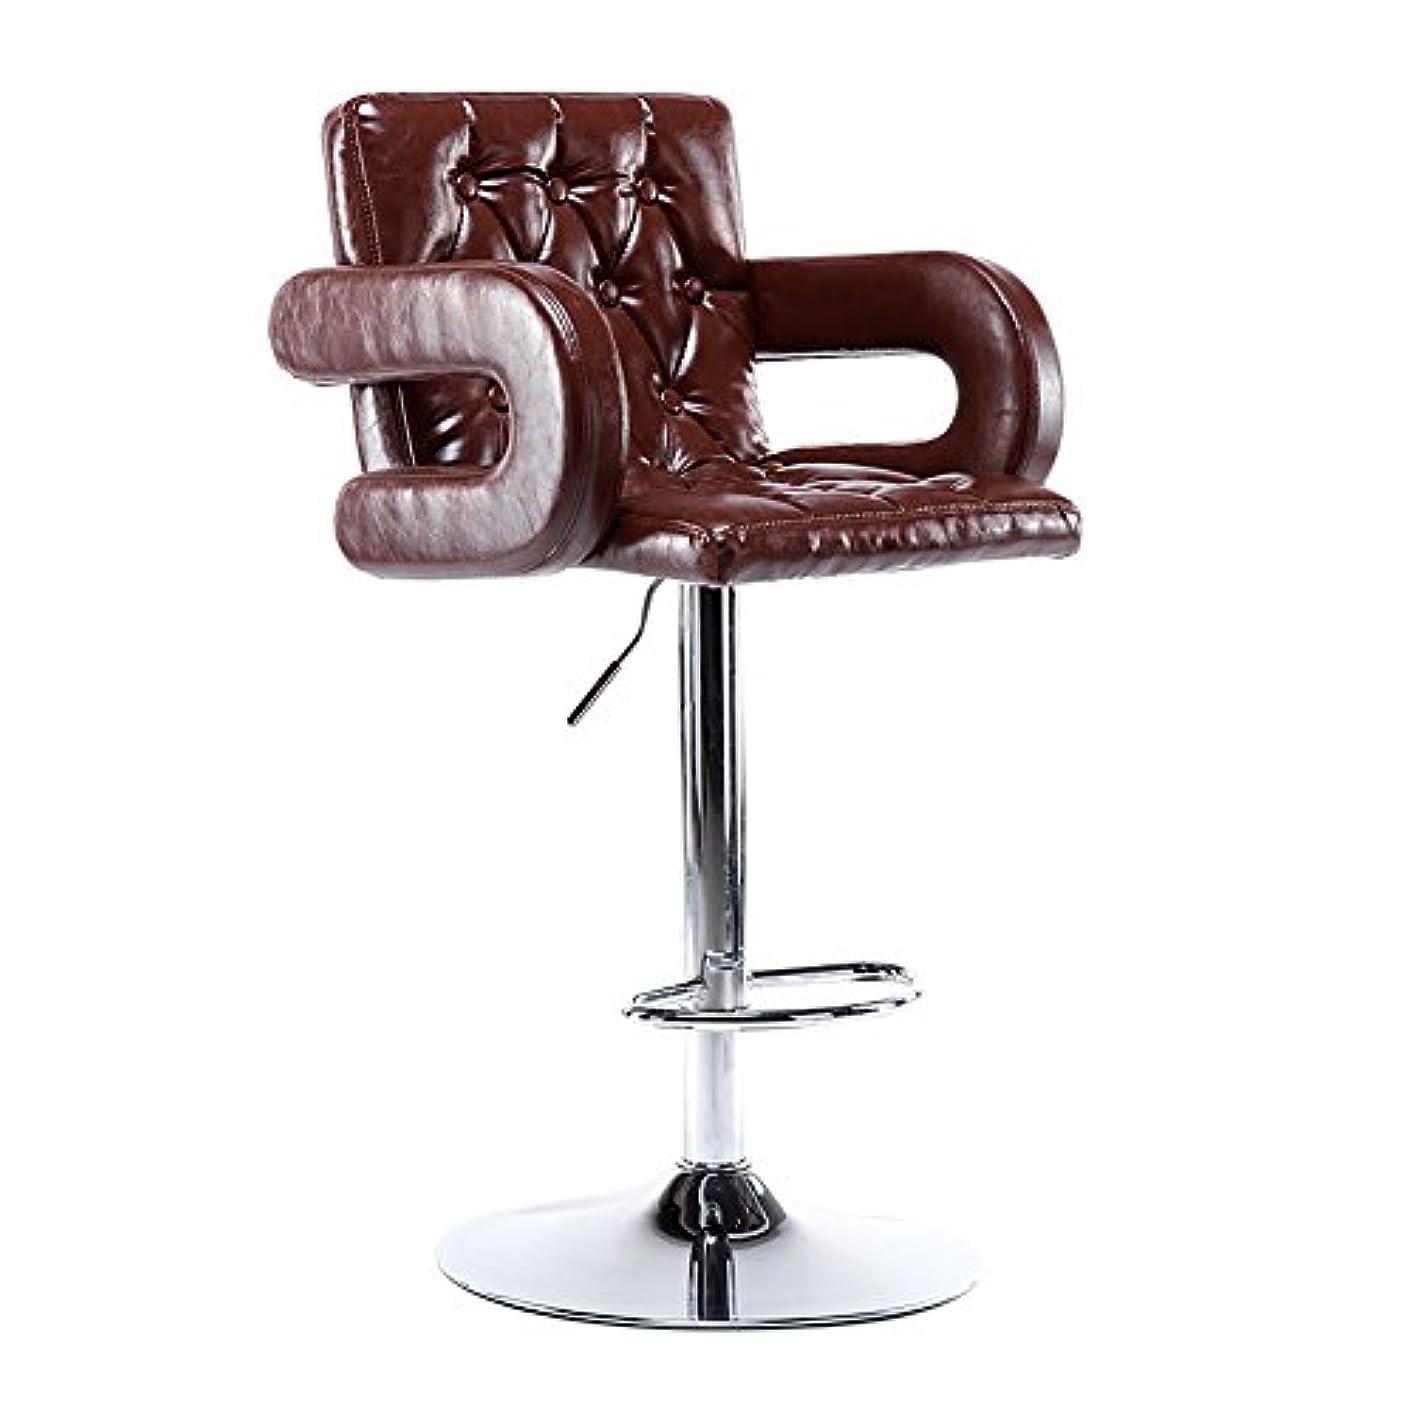 振る舞い賃金贅沢な毎日の家 多機能スイベルチェア、美容ローラースツール、調節可能な高さ、ホイール付き、360度回転、快適な椅子、アームレスト付き、最大荷重150kg (色 : ブラウン-2, サイズ さいず : BEST)